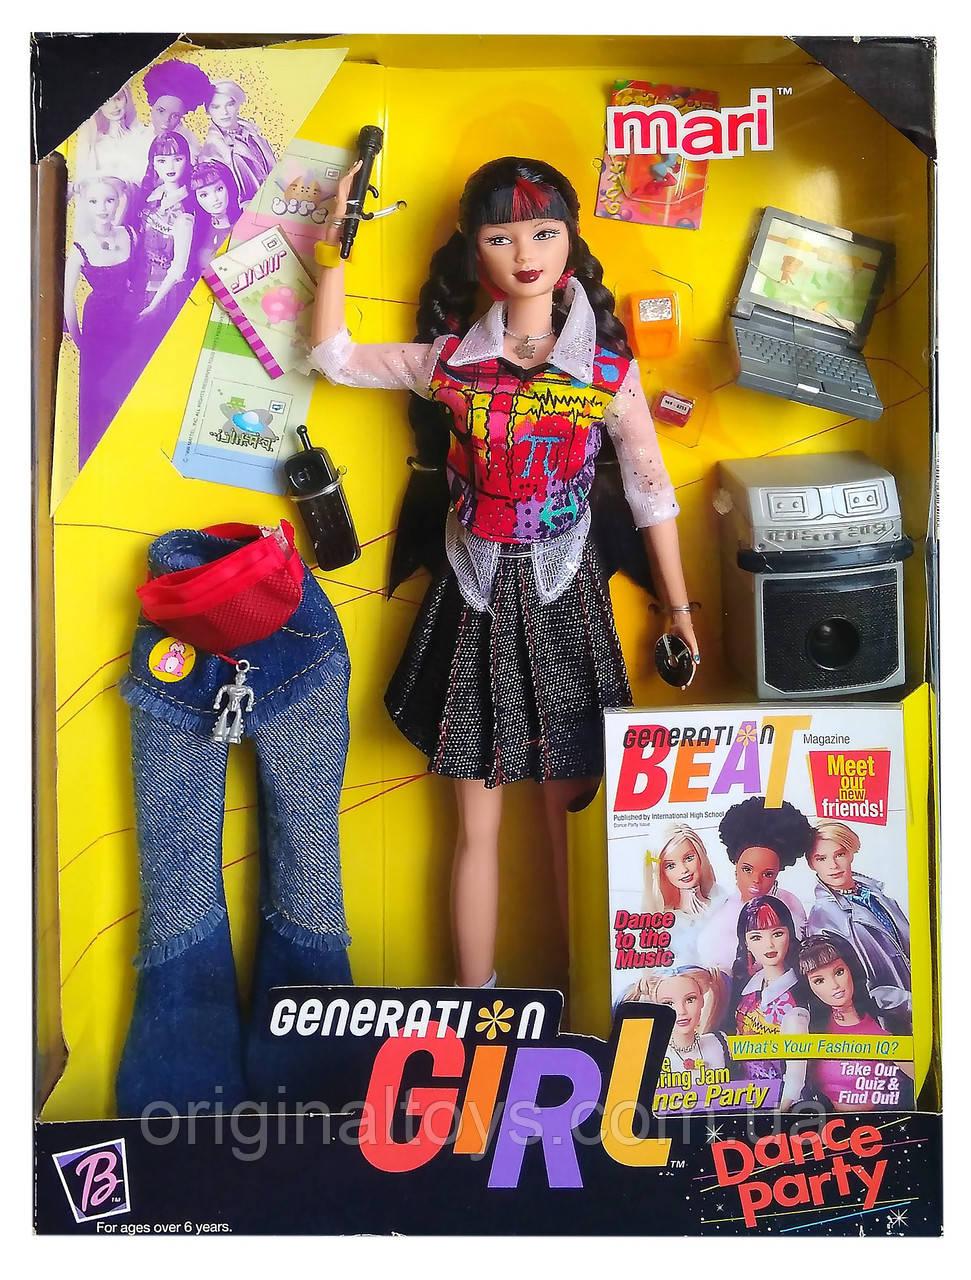 Коллекционная кукла Барби Мари Танцевальная вечеринка Barbie Generation Girl Dance Party Mari 1999 Mattel